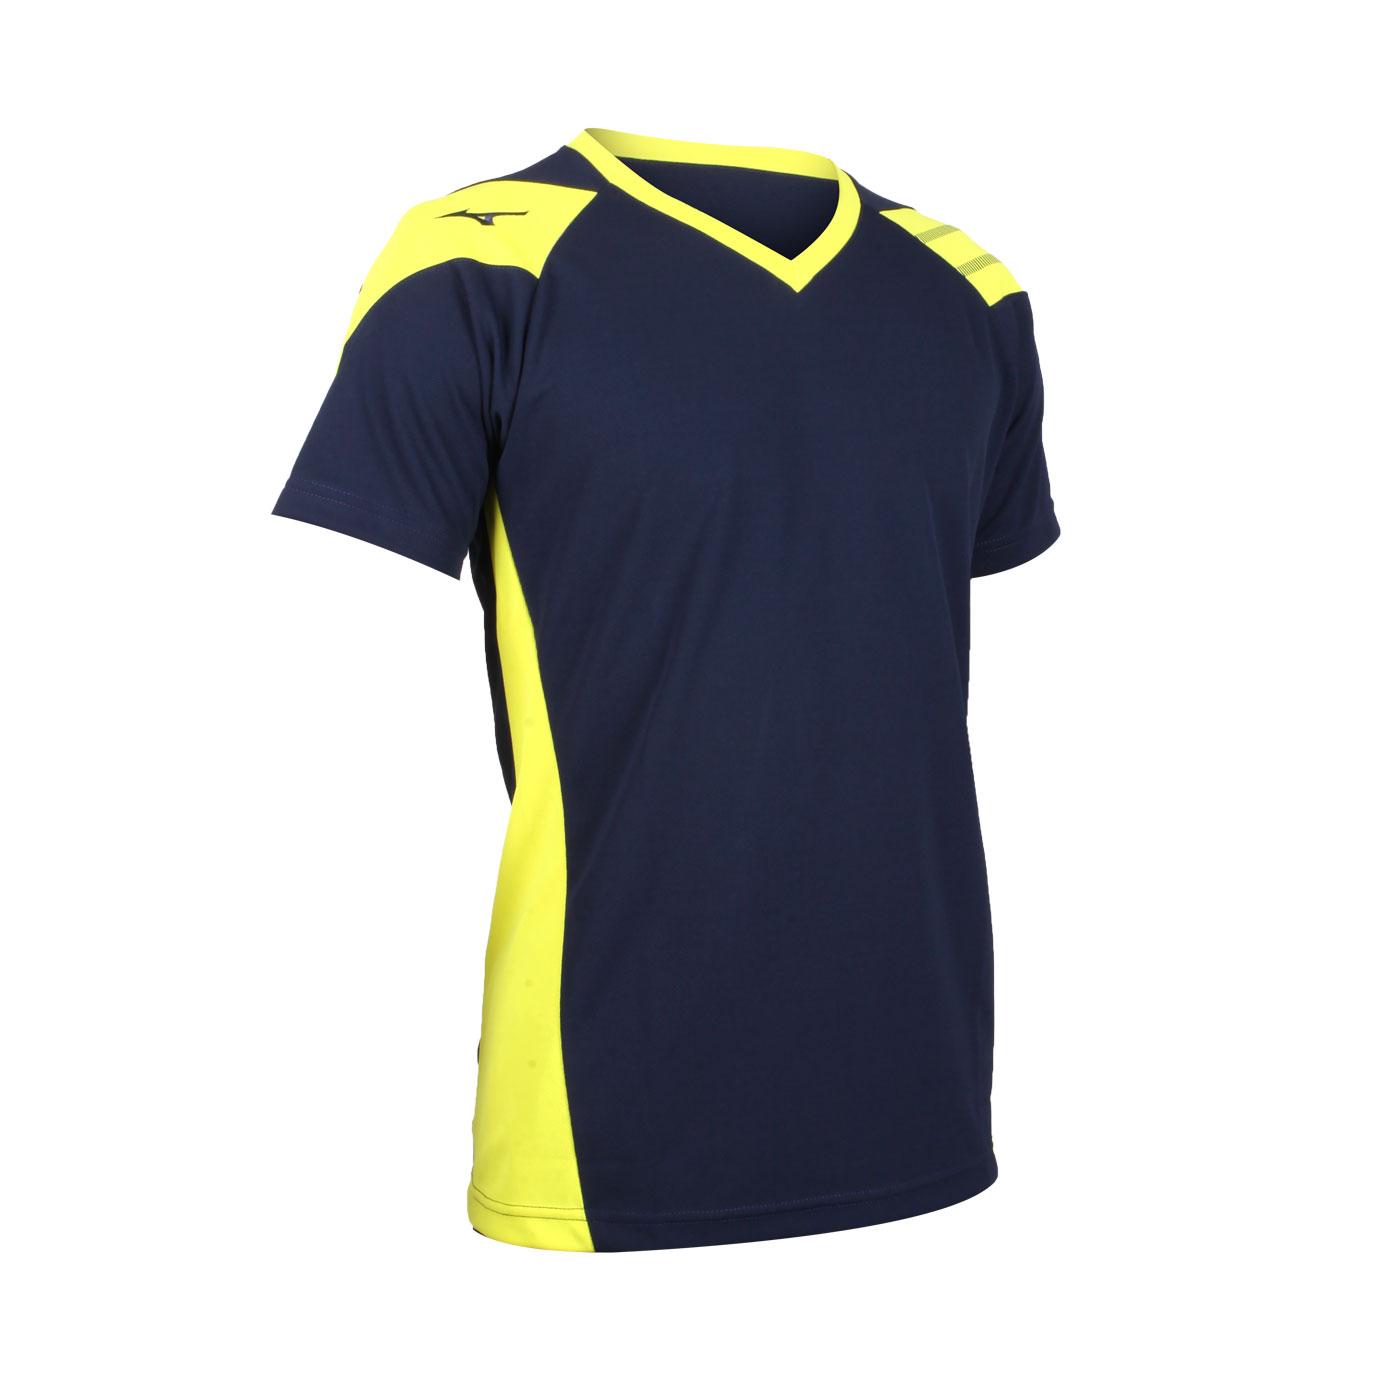 MIZUNO 排球短袖T恤 V2TA0G1601 - 丈青芥末黃